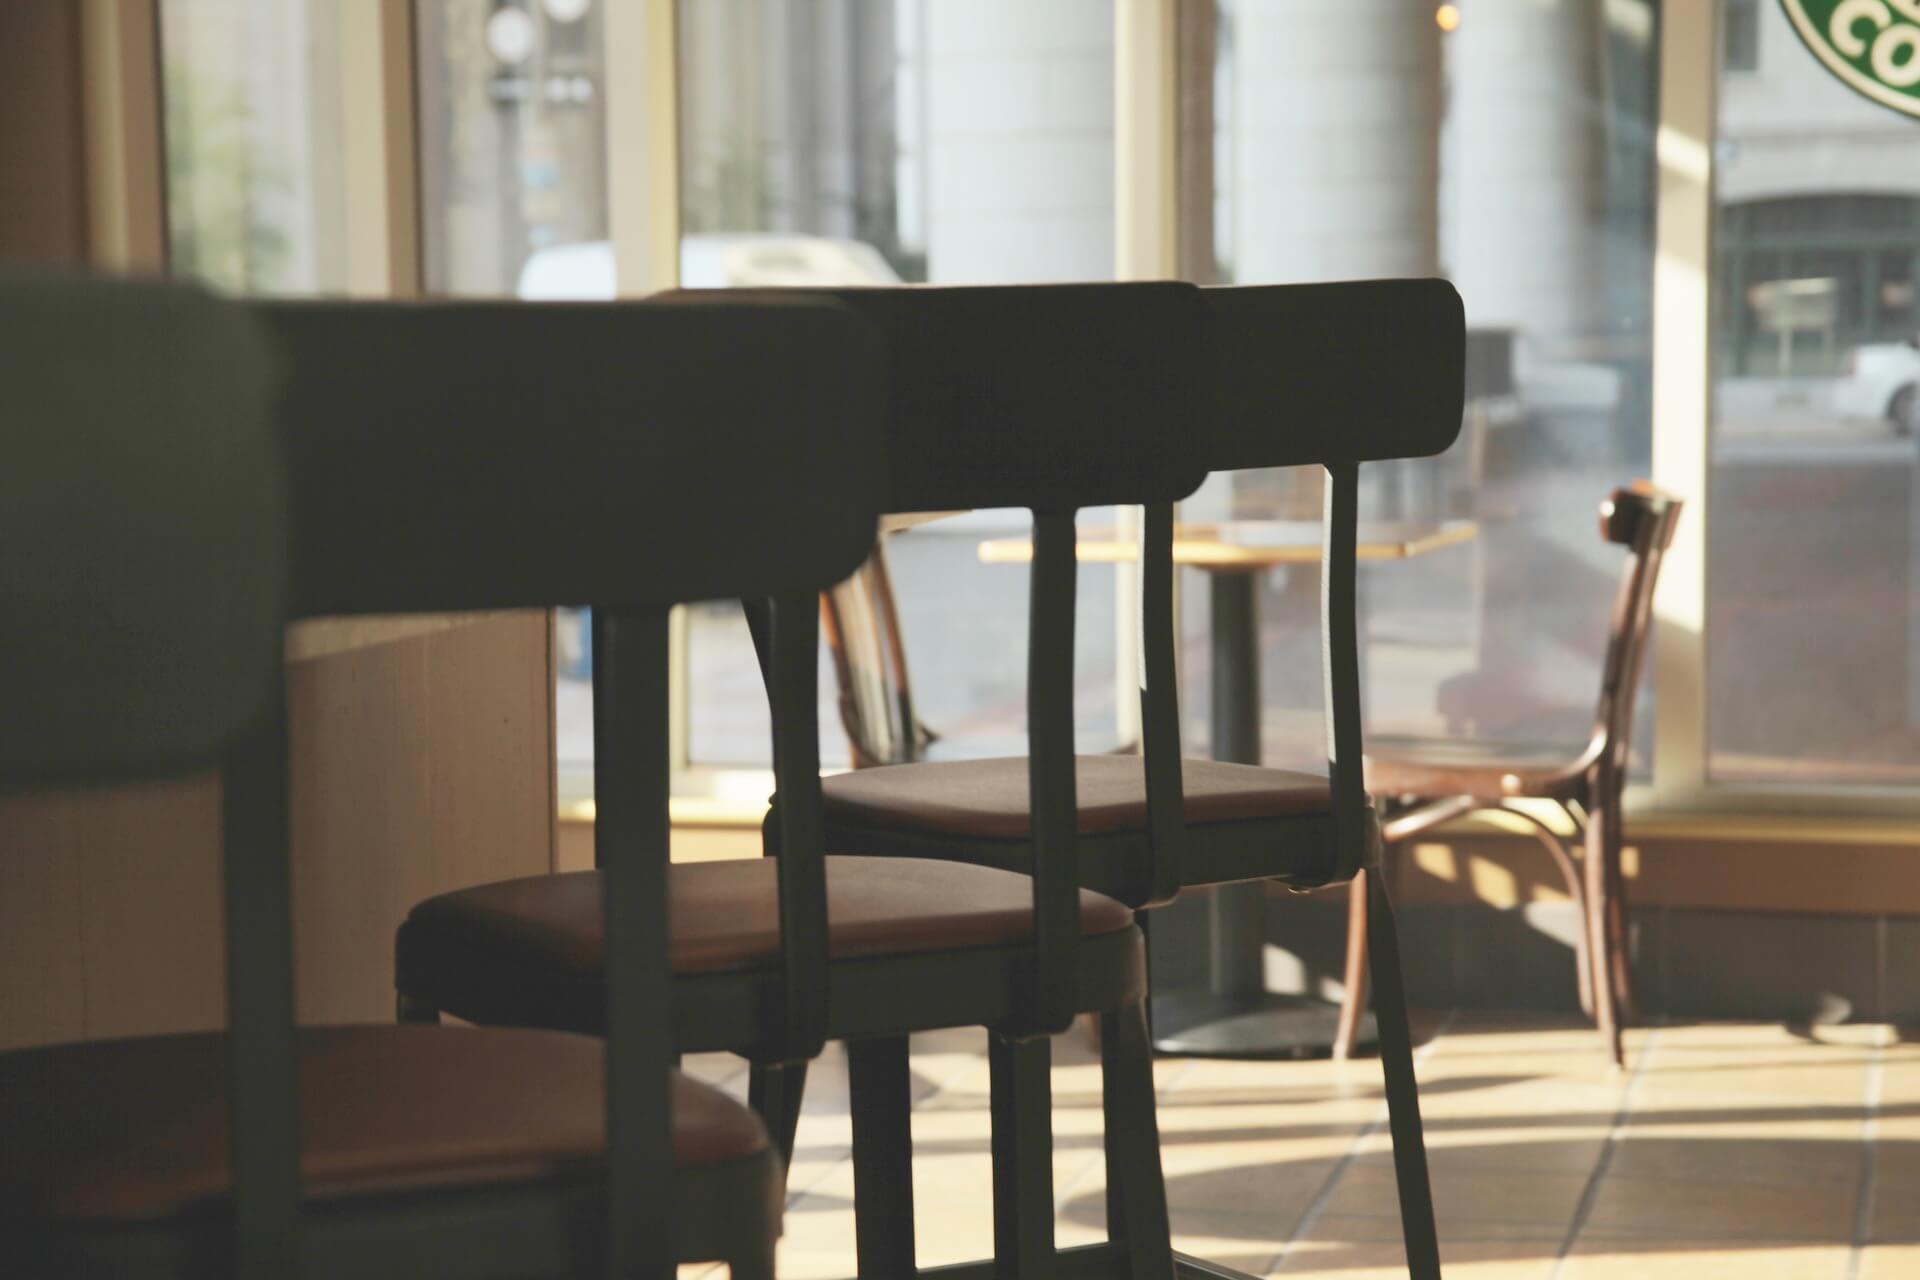 Restaurant or Cafe